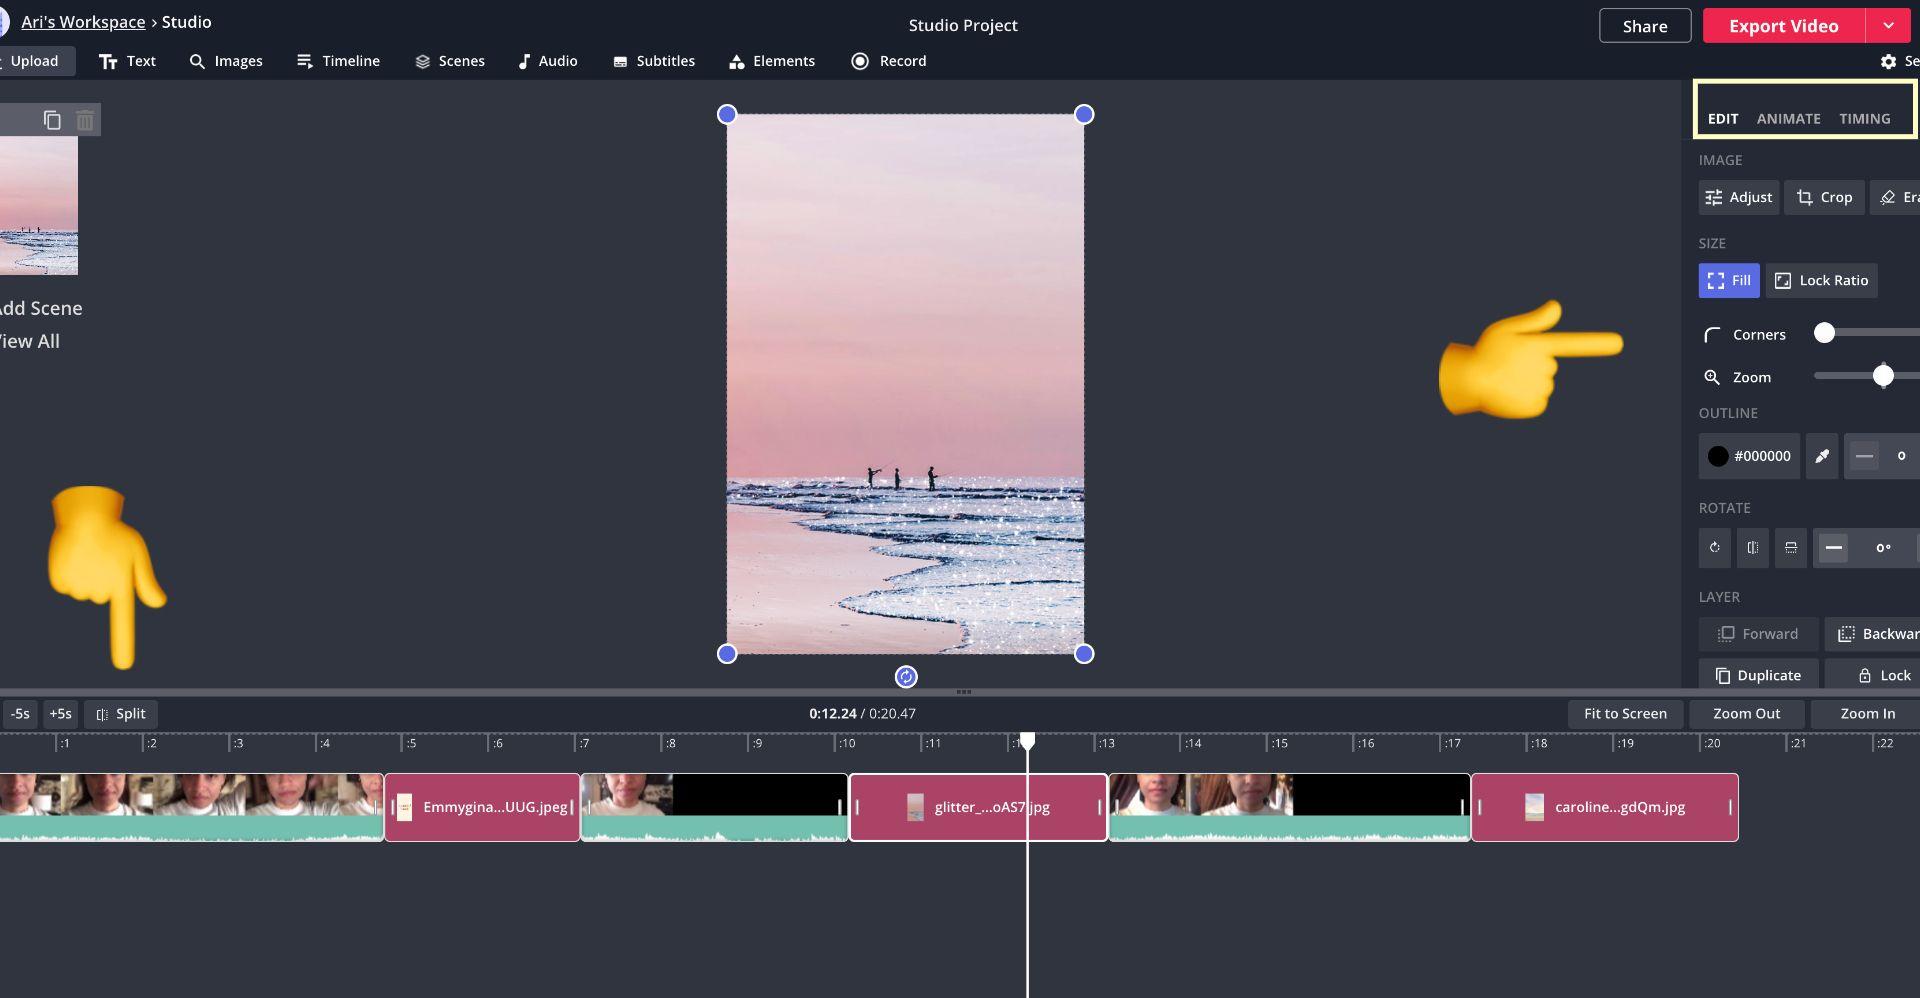 Screenshot von Kapwing Studio mit Emoji-Pfeilen, die auf das Teilungswerkzeug zeigen